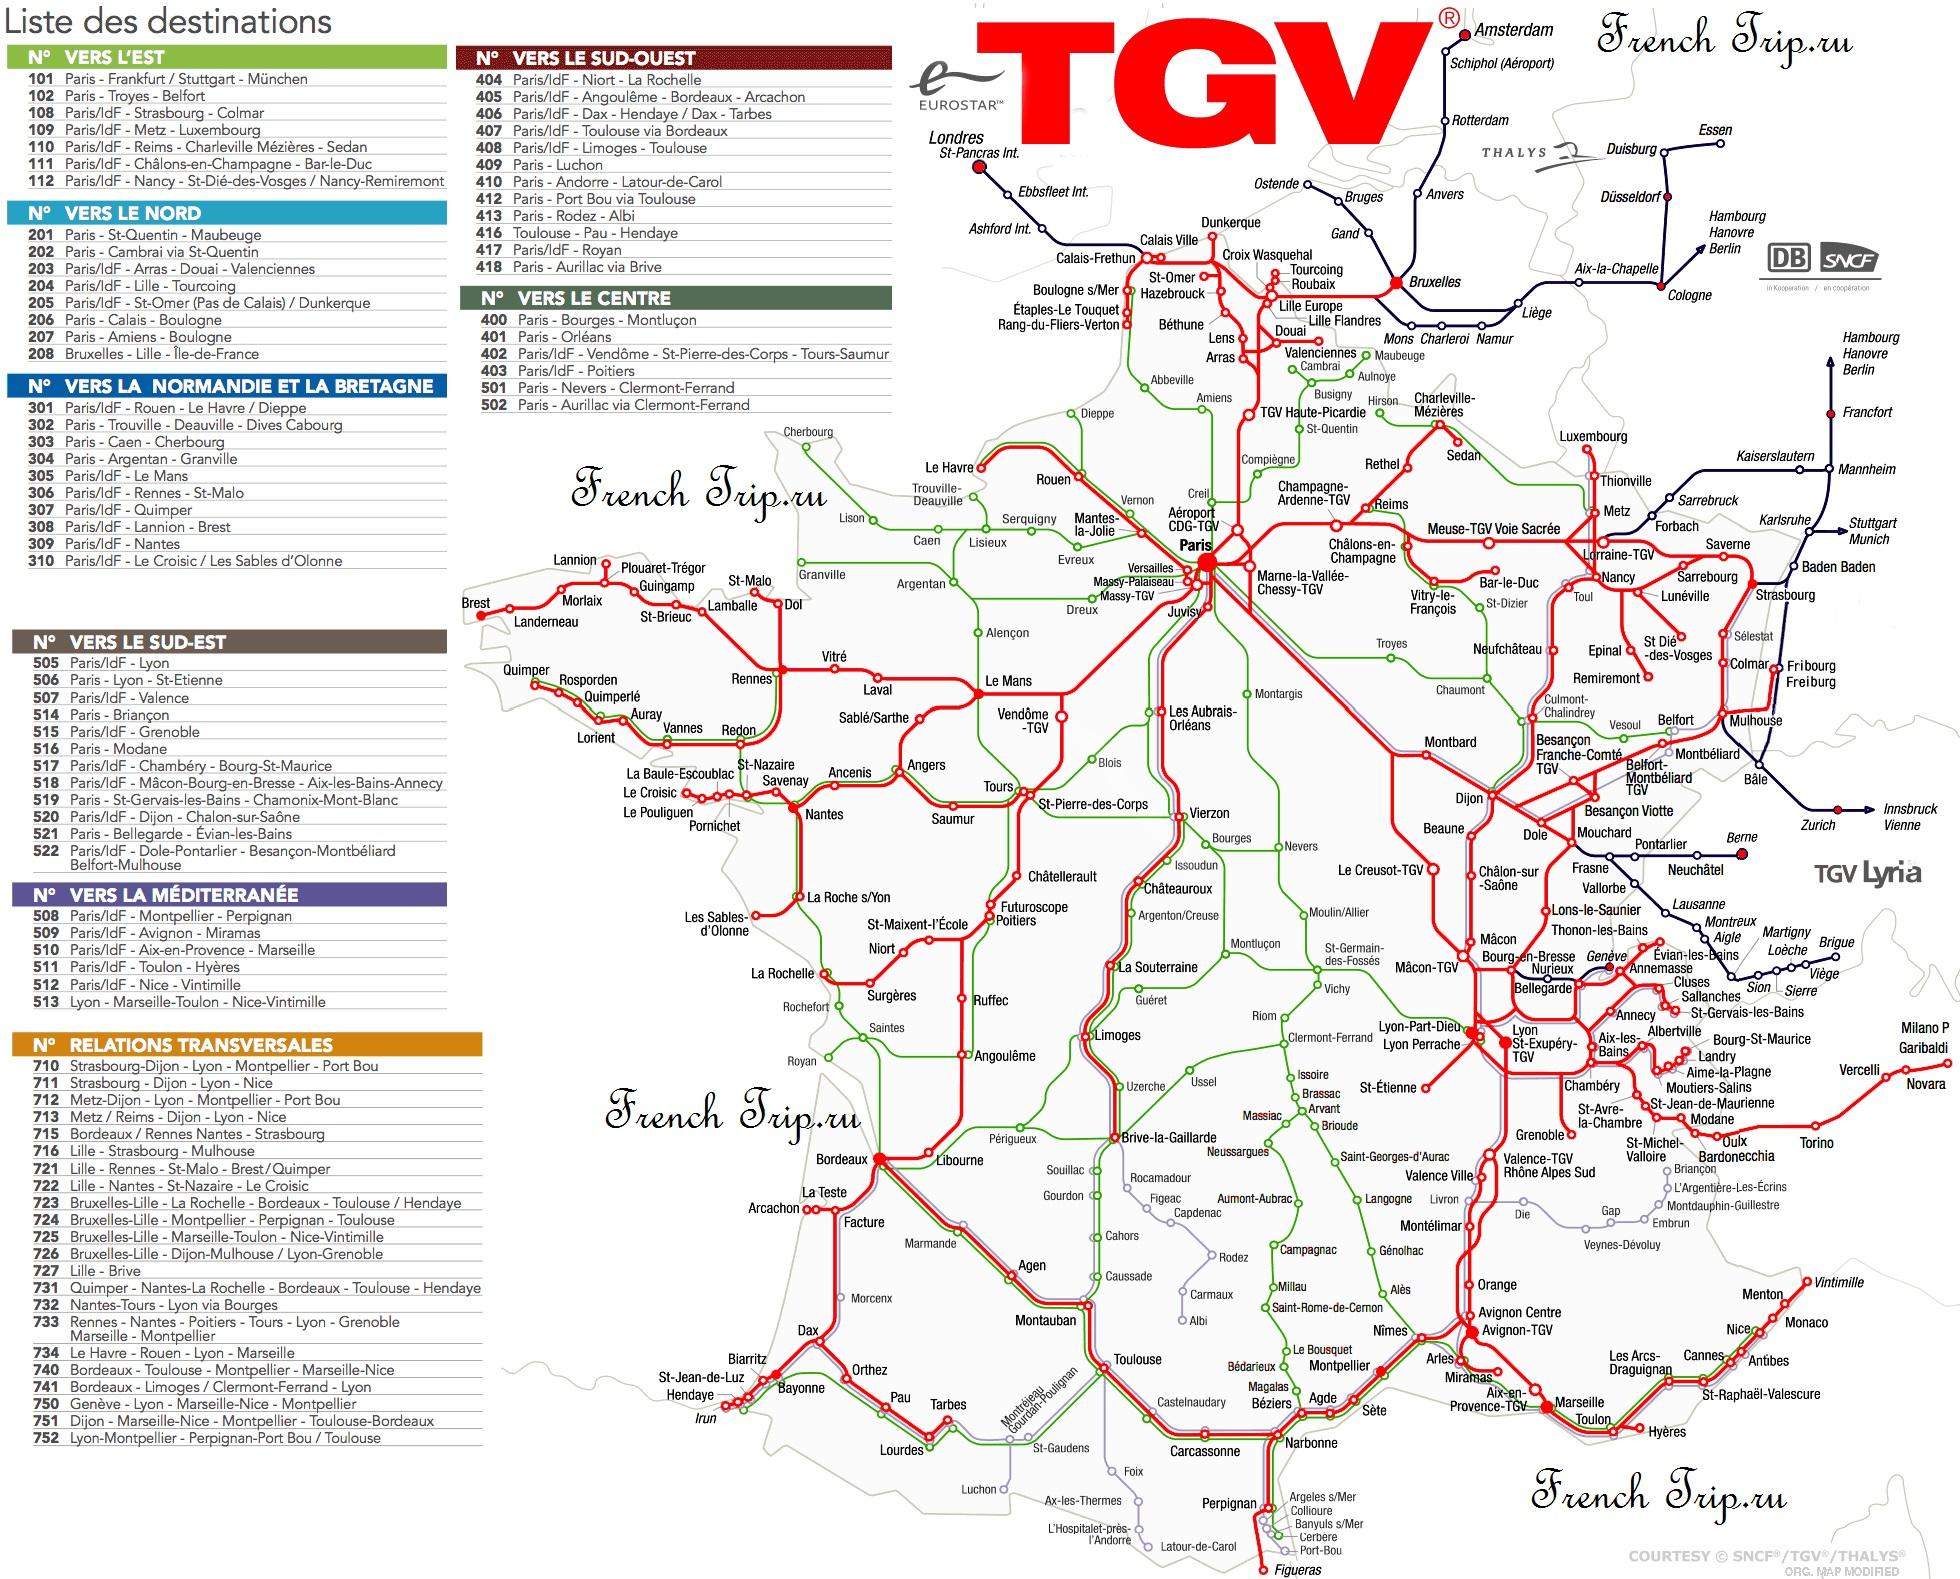 На поезде в Нарбонну: карта маршрутов скоростных TGV поездов по Франции - На поезде в Нарбонну: как добраться, расписание, время в пути, цены на билеты в Нарбонну. Поезд Нарбонна - Париж, Тулуза, Монпелье, Каркасон, Барселона, Ним, поезд Нарбонна - Париж, поезд Нарбонна - Монпелье, поезд Нарбонна - Ним, поезд Нарбонна - Безье, поезд Нарбонна - Тулуза, поезд Нарбонна - Марсель, поезд Нарбонна - Авиньон, поезд Нарбонна - Лион, поезд Нарбонна - Барселона, поезд Нарбонна - Жирона, поезд Нарбонна - Мадрид, поезд Нарбонна - Бордо, расписание поездов в Нарбонну, поезда по Франции, Нарбонна, Нарбонн, Нарбонна Франция, как добраться в Нарбонну, сколько стоит билет на поезд в Нарбонну, сколько по времени ехать в Нарбонну, путеводитель по Нарбонне, путеводитель по Франции, расписание поездов Франция, расписание поездов Нарбонна